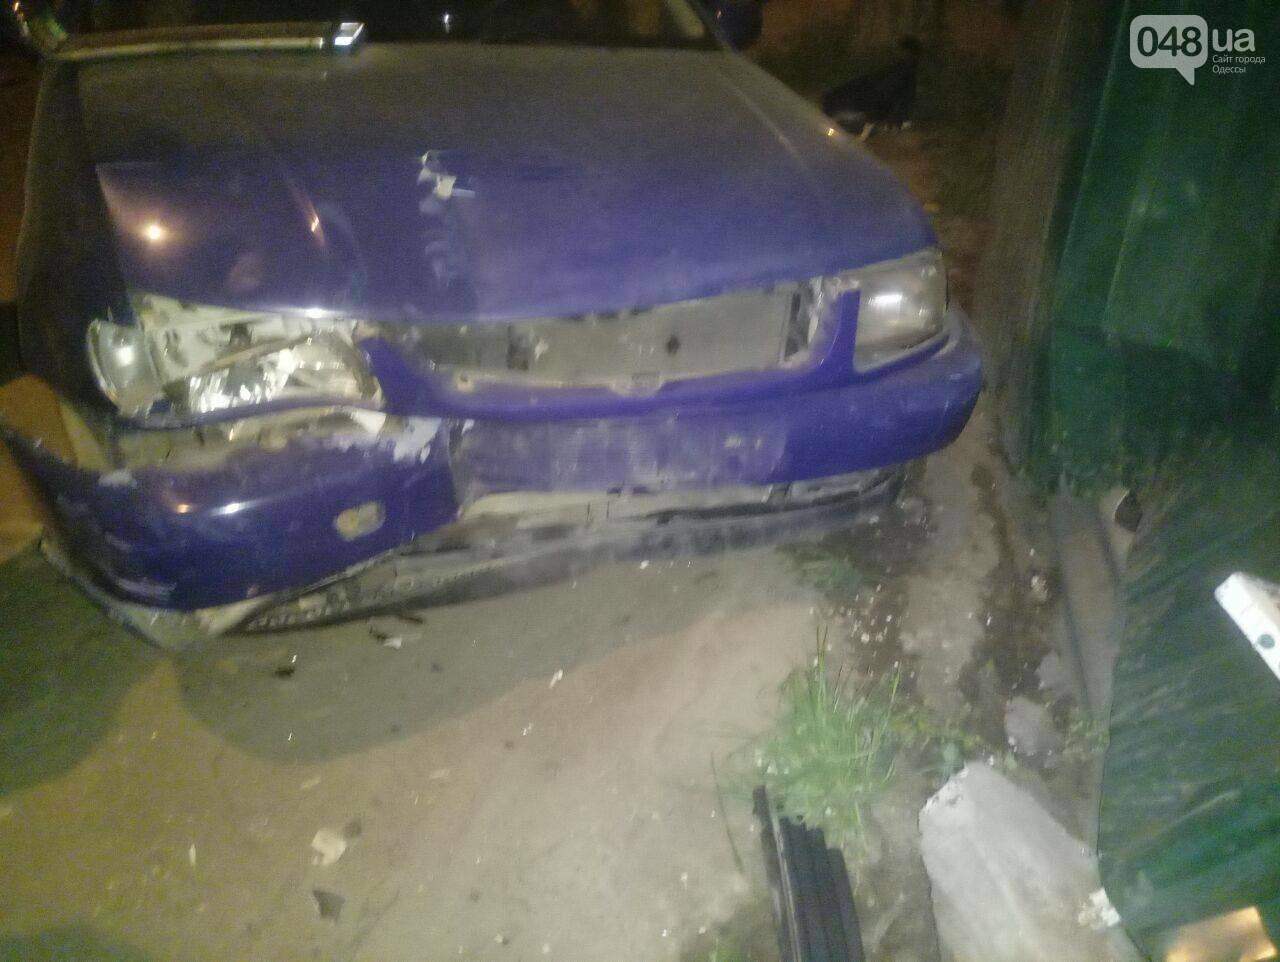 В Одесе угнанное с СТО авто попало в разрушительную аварию (ФОТО), фото-1